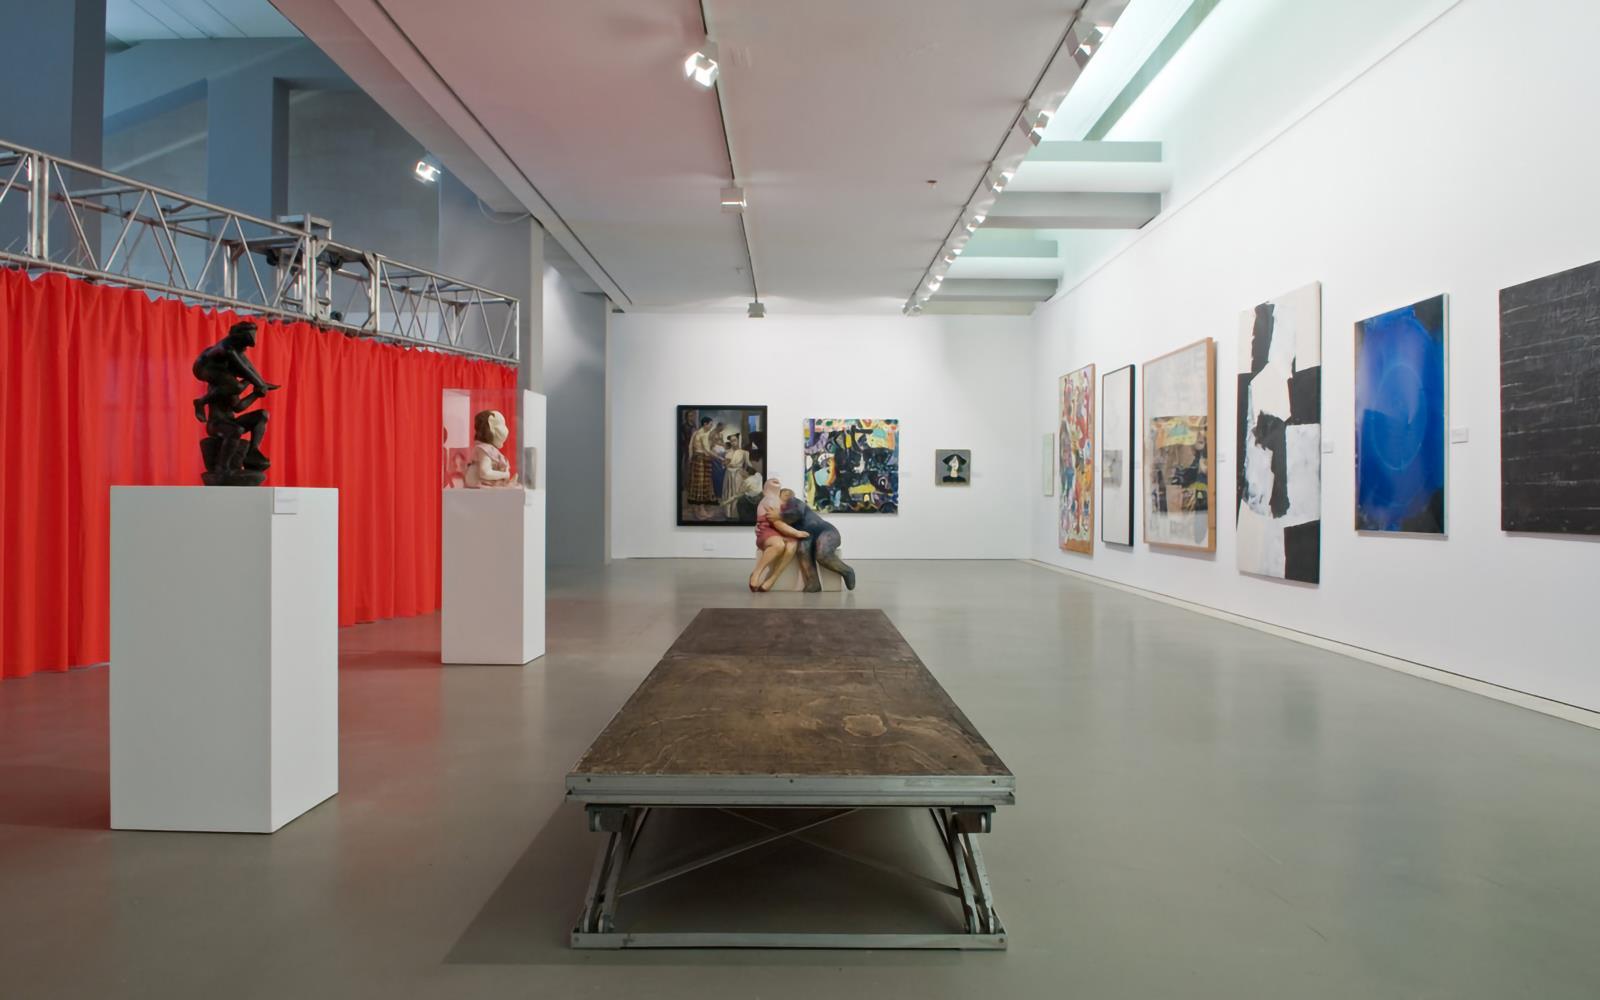 Heimo Zobernig e a Colecção da Tate / Heimo Zobernig e a Colecção do Centro de Arte Moderna da Fundação Calouste Gulbenkian